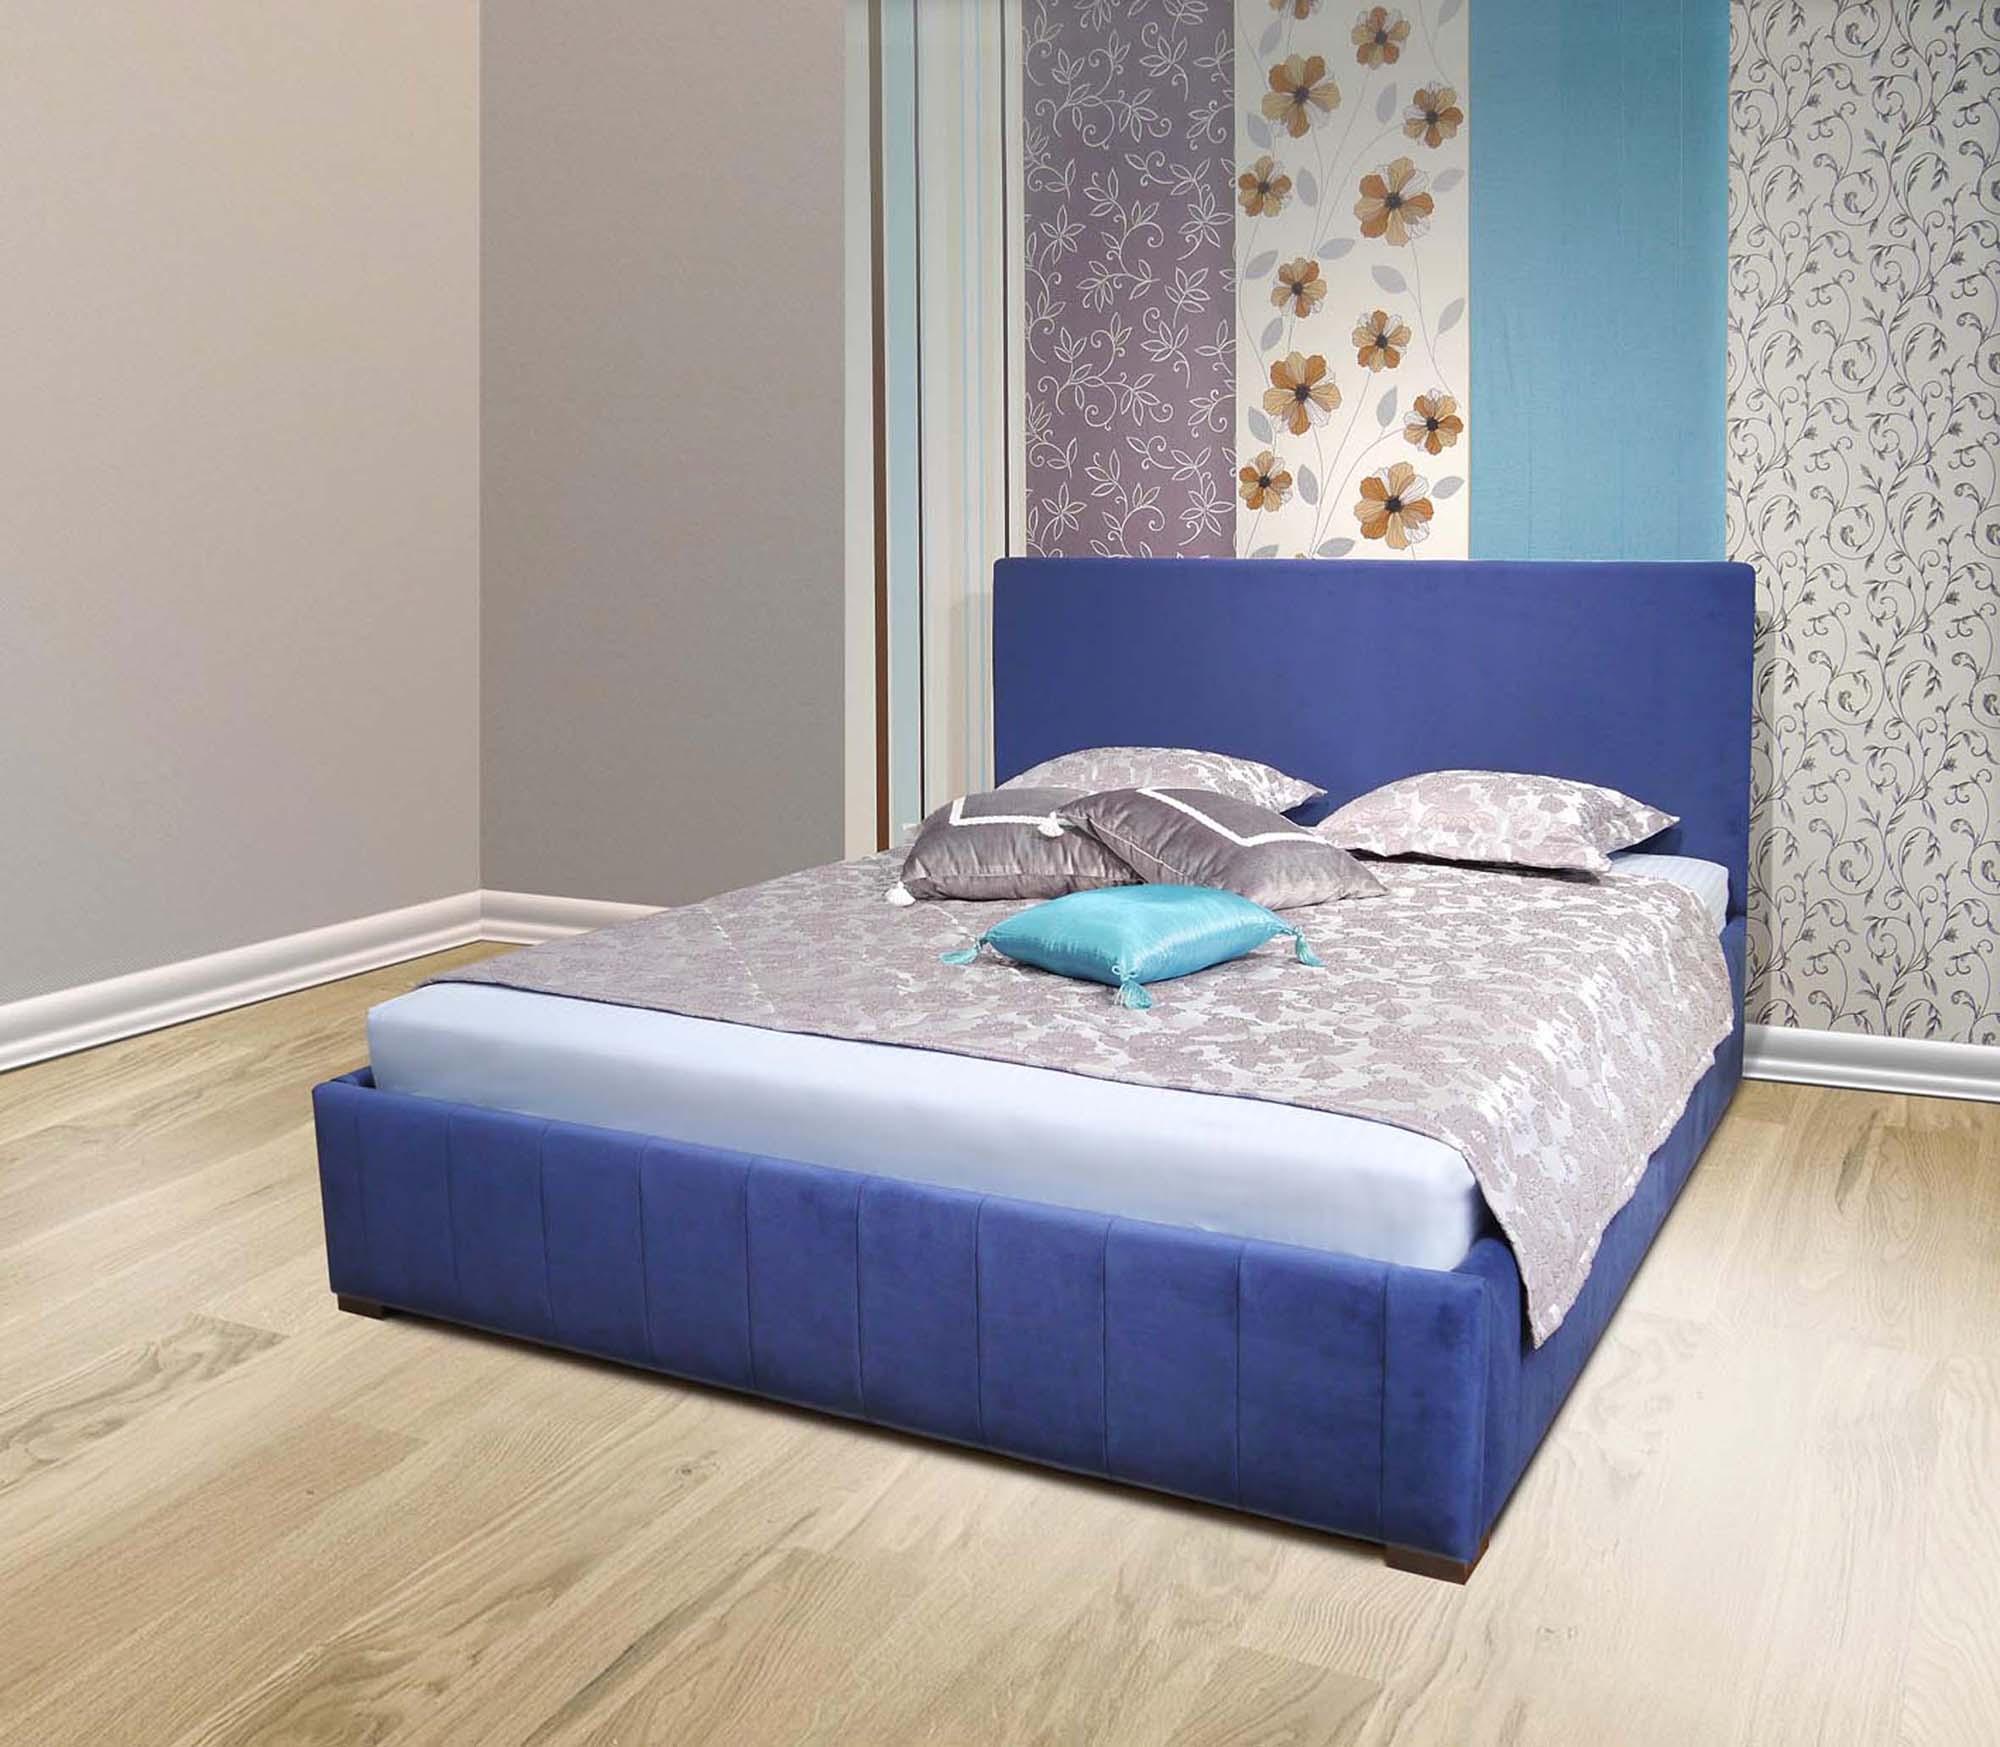 Синяя кровать в интерьере спальни